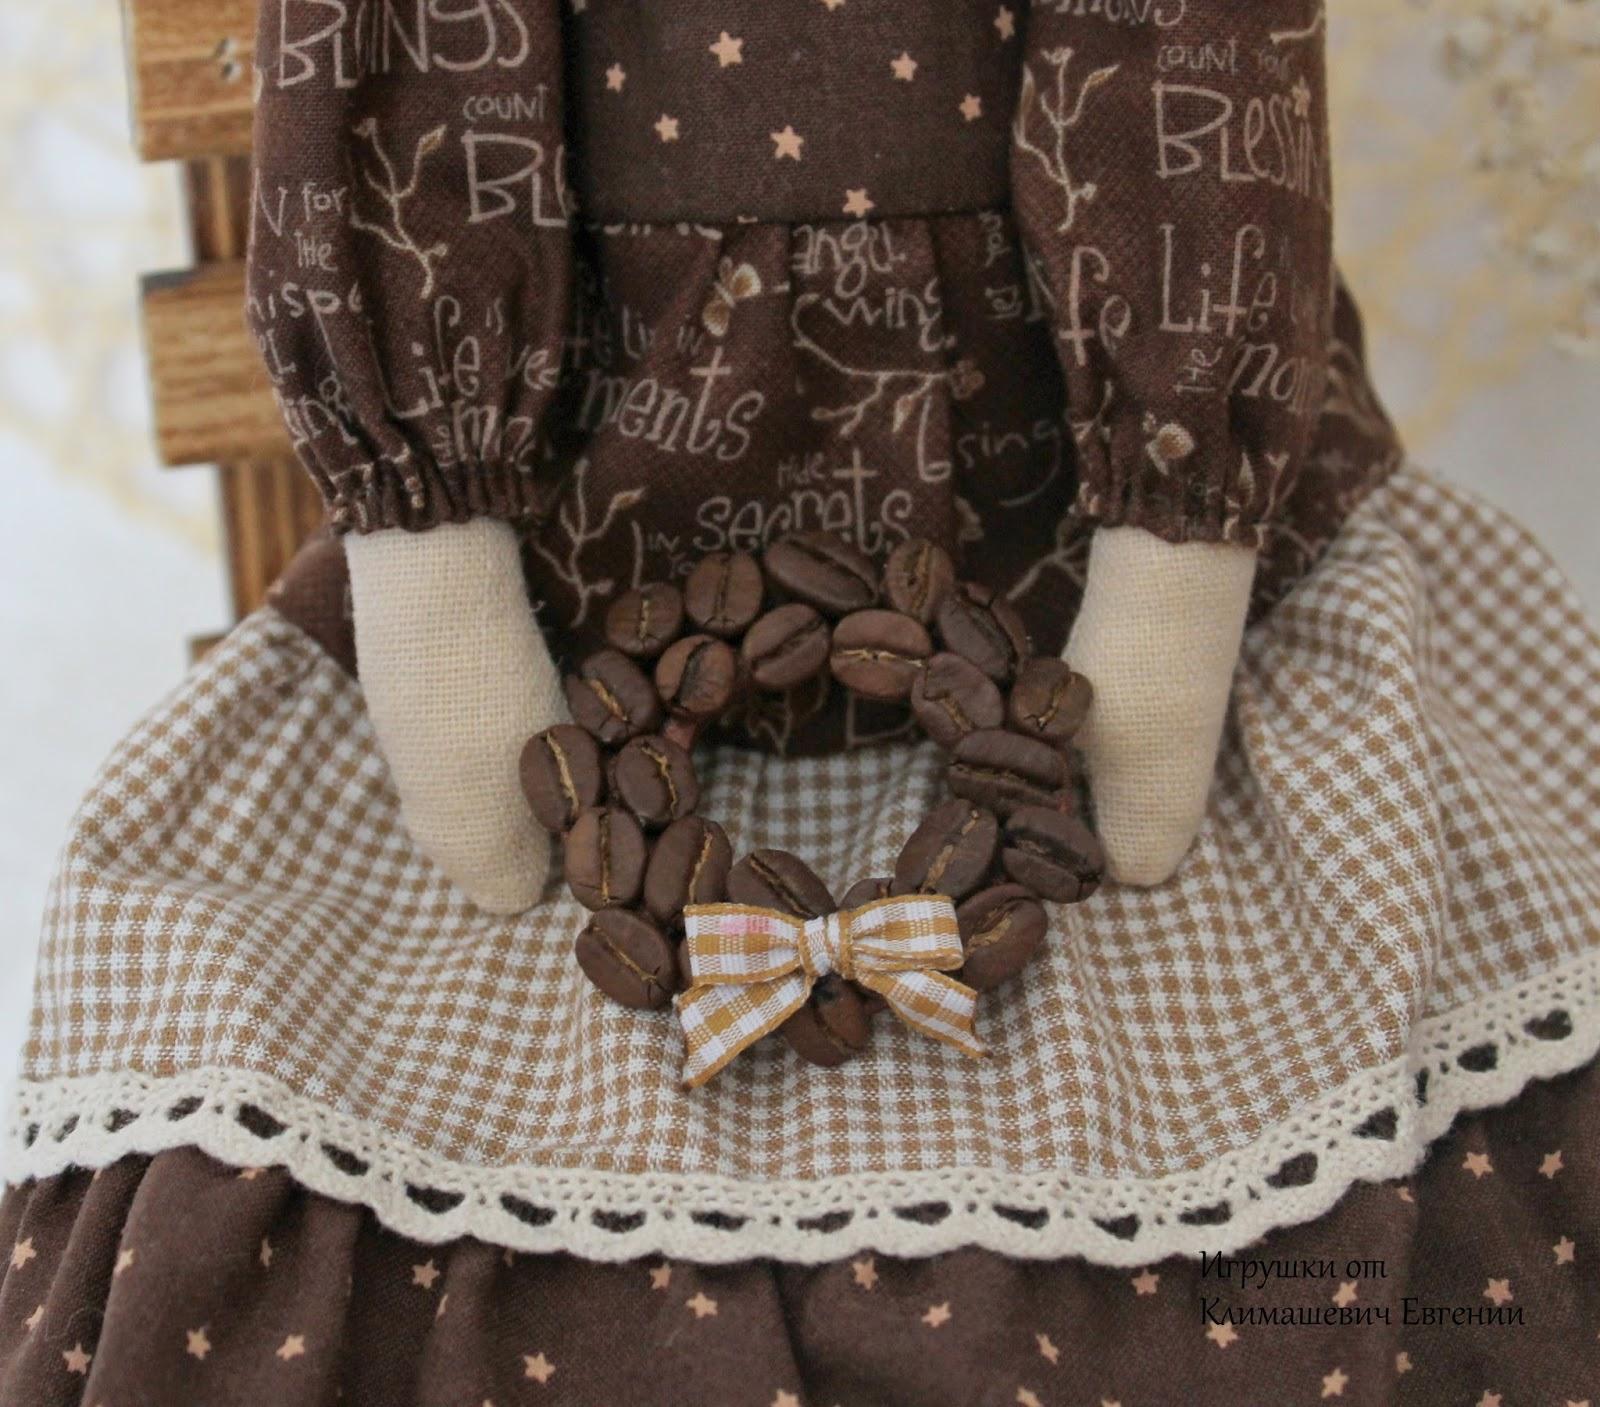 Тильда, кукла тильда, тильда фея, тильда ангел, купить тильду, купить куклу, игрушки ручной работы, кукла ручной работы, кофе, кофейный, кофейная.